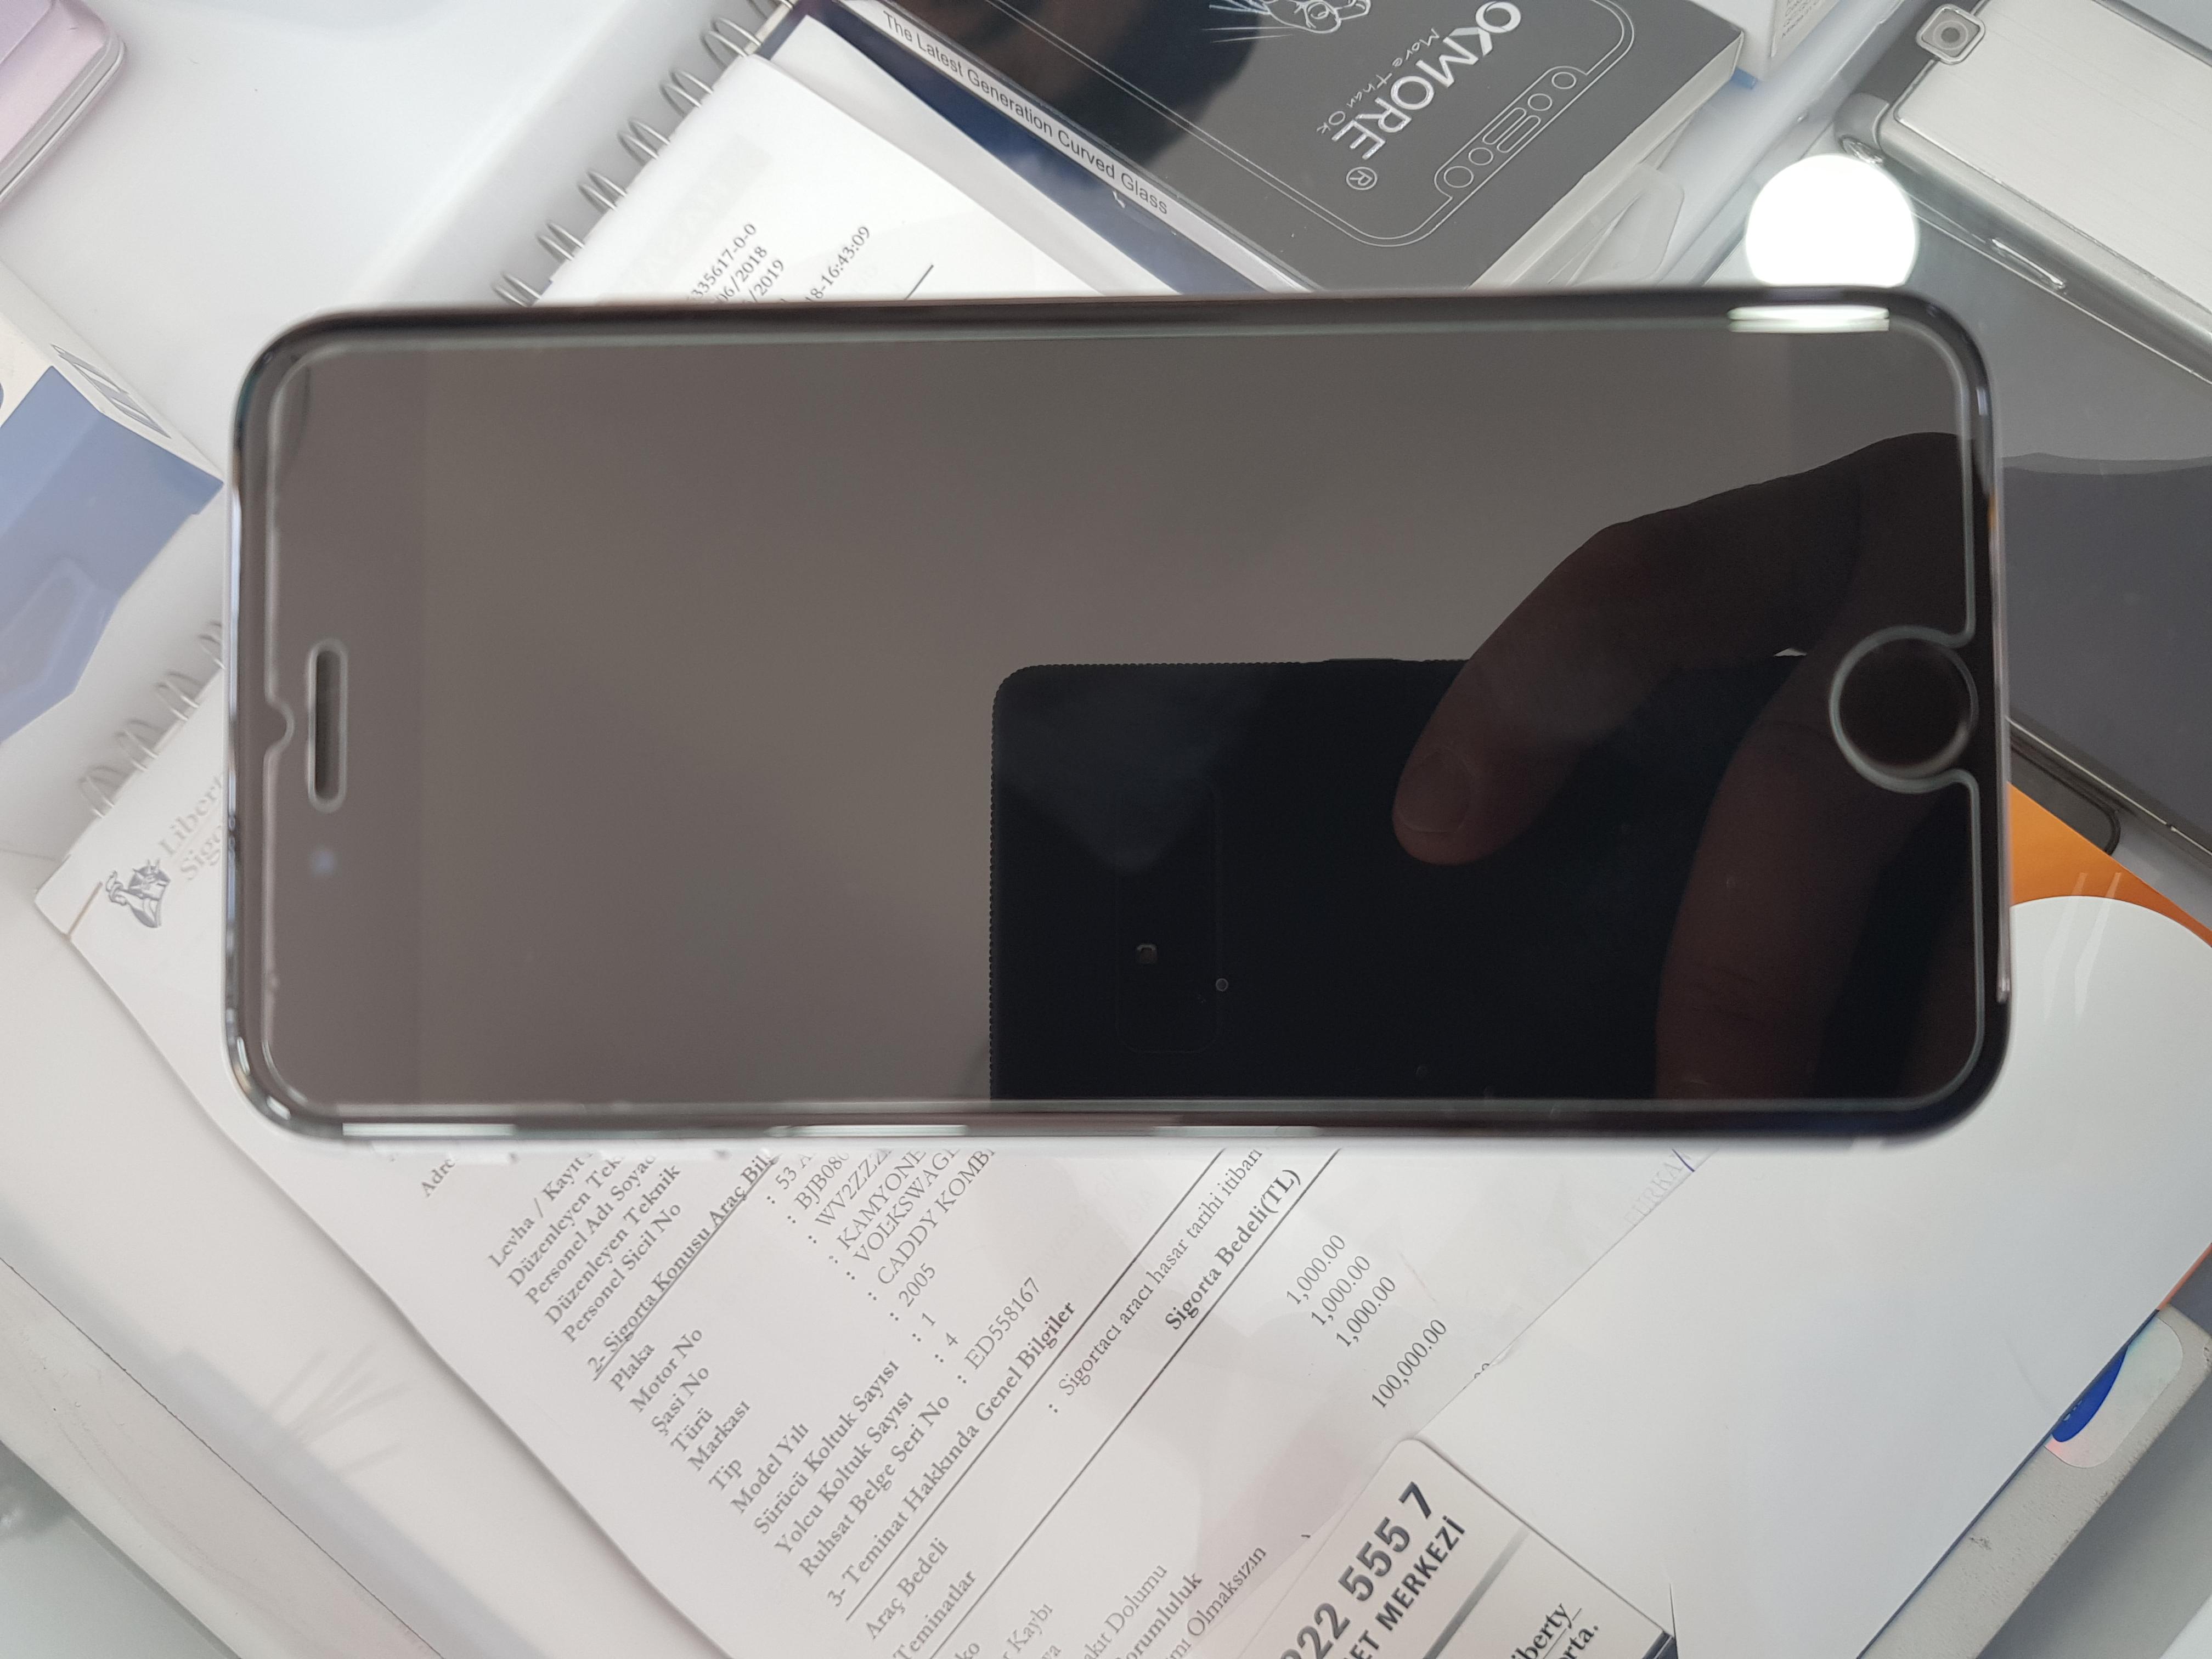 Satlk Samsung Phone Cep Telefonlar R10a Zel Ndirim Frsat Iphone 7 32 Gb Garansi Resmi 1650tl Gm Gri 2 El Ekim 2019a Kadar Garantisi Bulunuyor